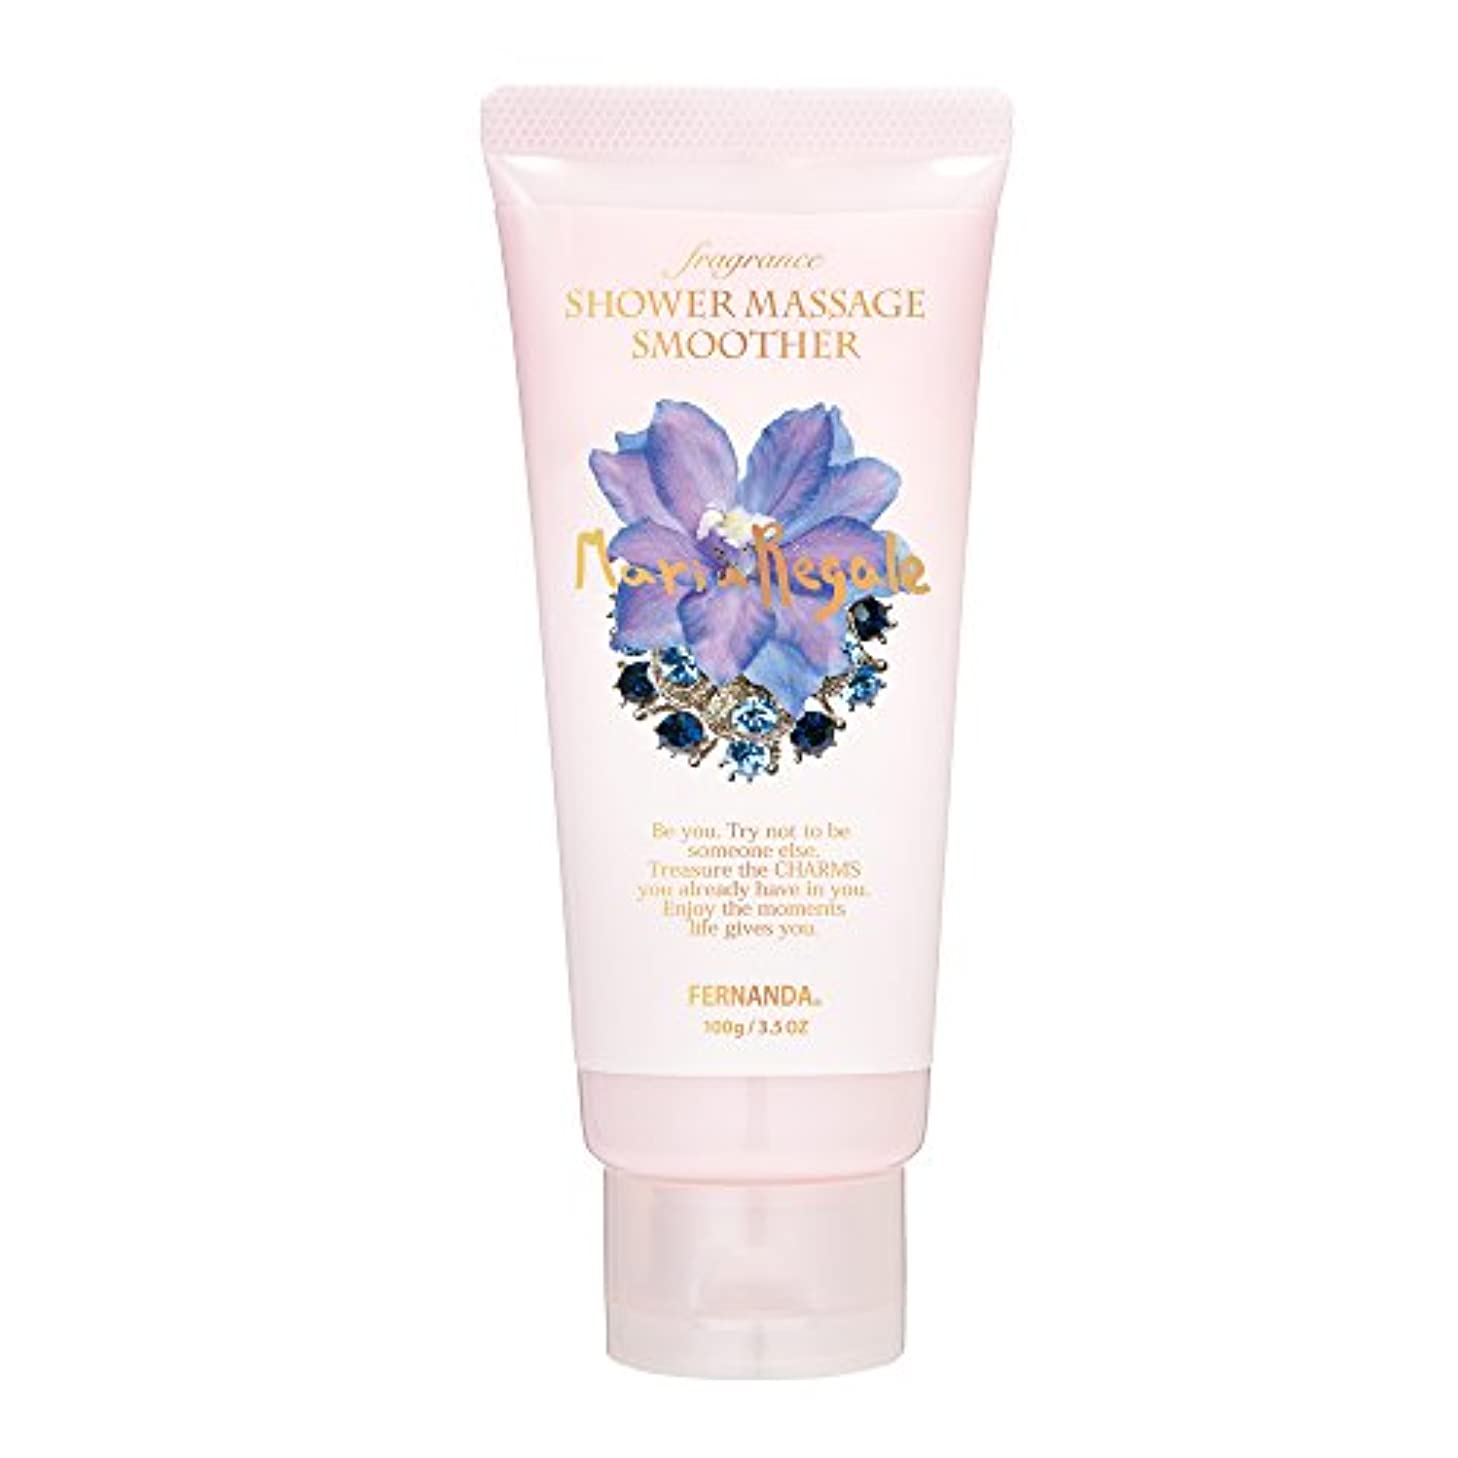 マネージャーマネージャー上げるFERNANDA(フェルナンダ) Fragrance Shower Massage Smoother Maria Regale (シャワーマッサージスムーサー マリアリゲル)